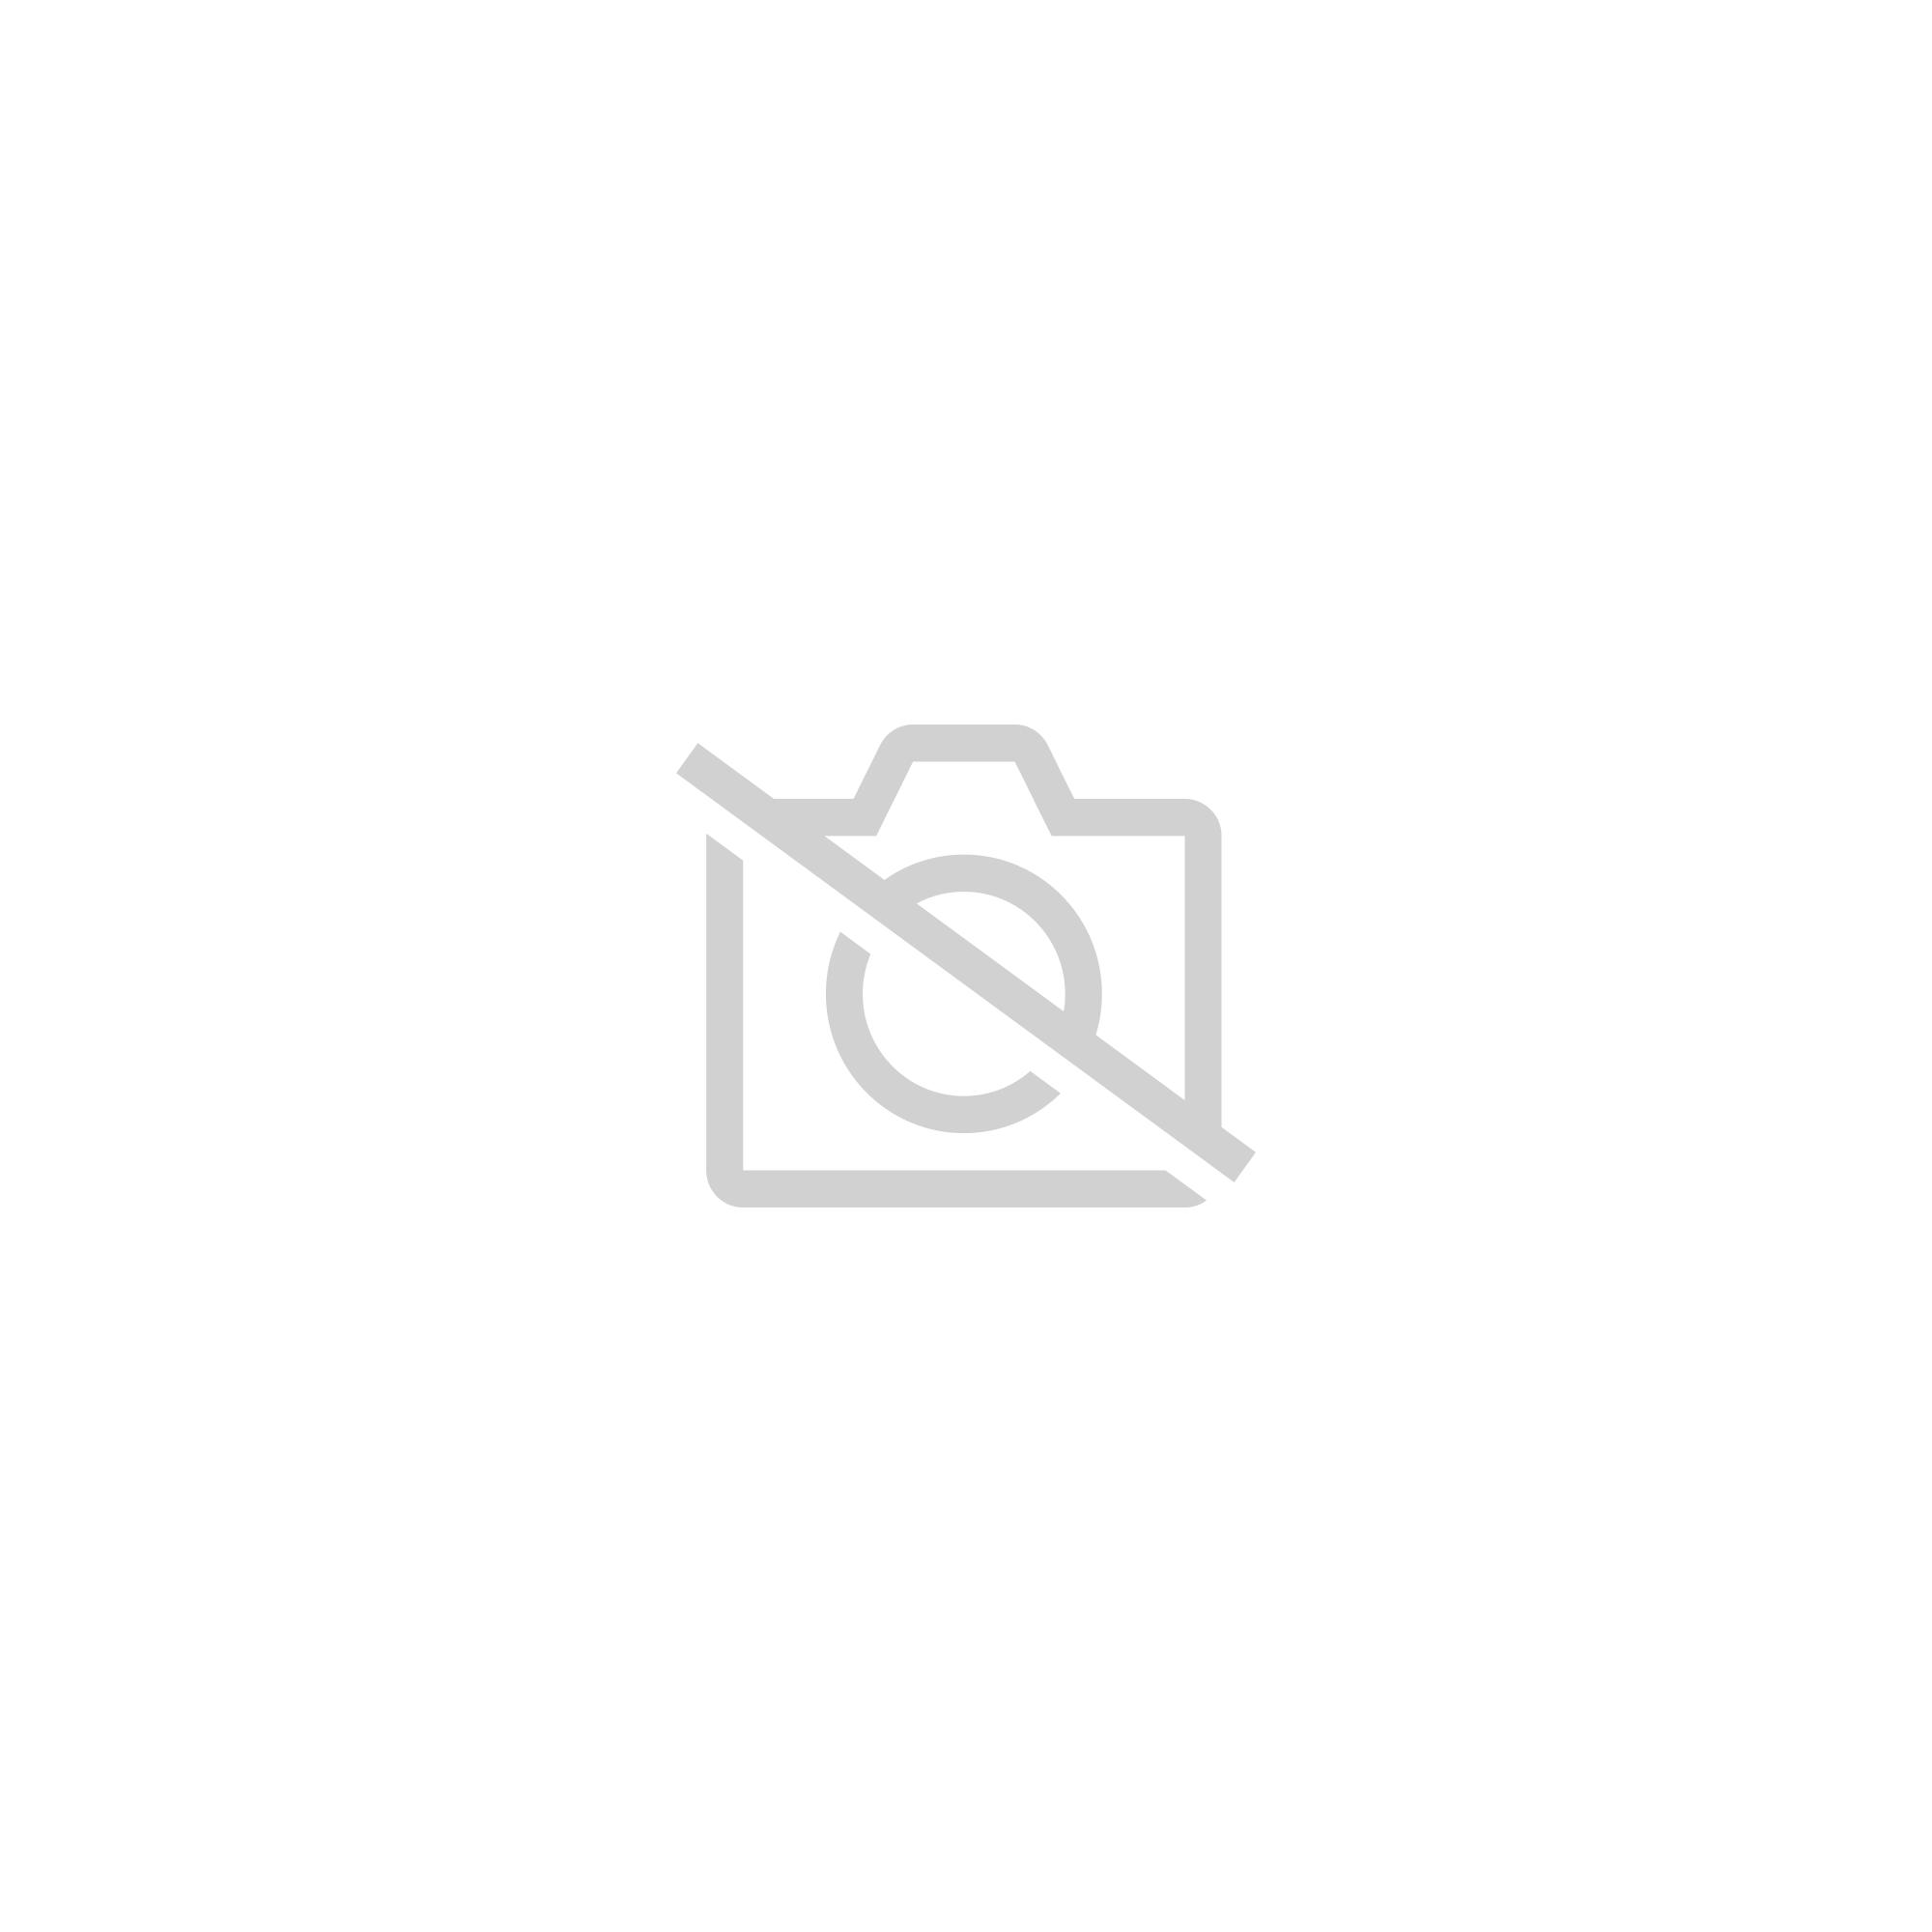 Livres en Vexin